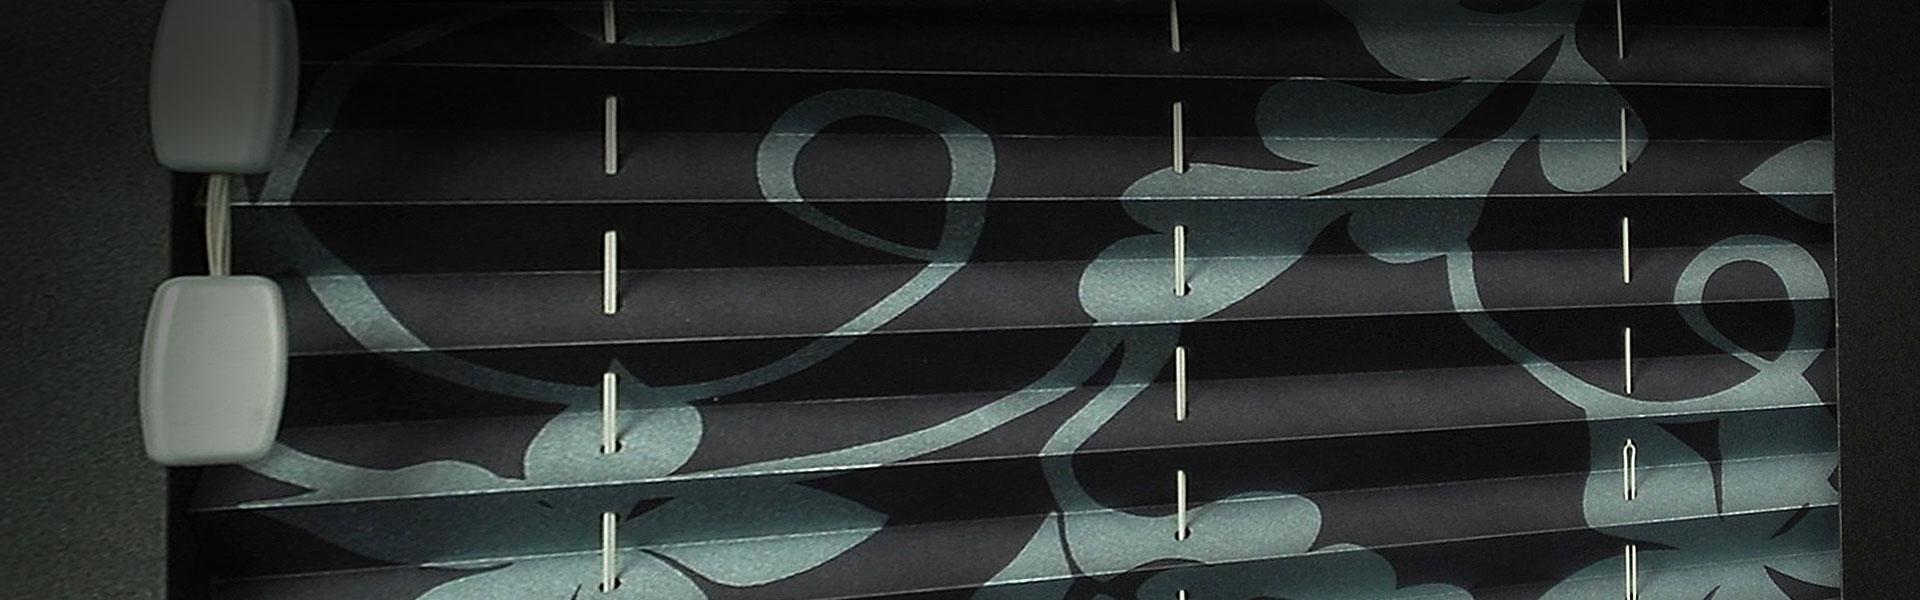 https://www.stin.cz/uploads//images/horni-banner/plise-horni.jpg